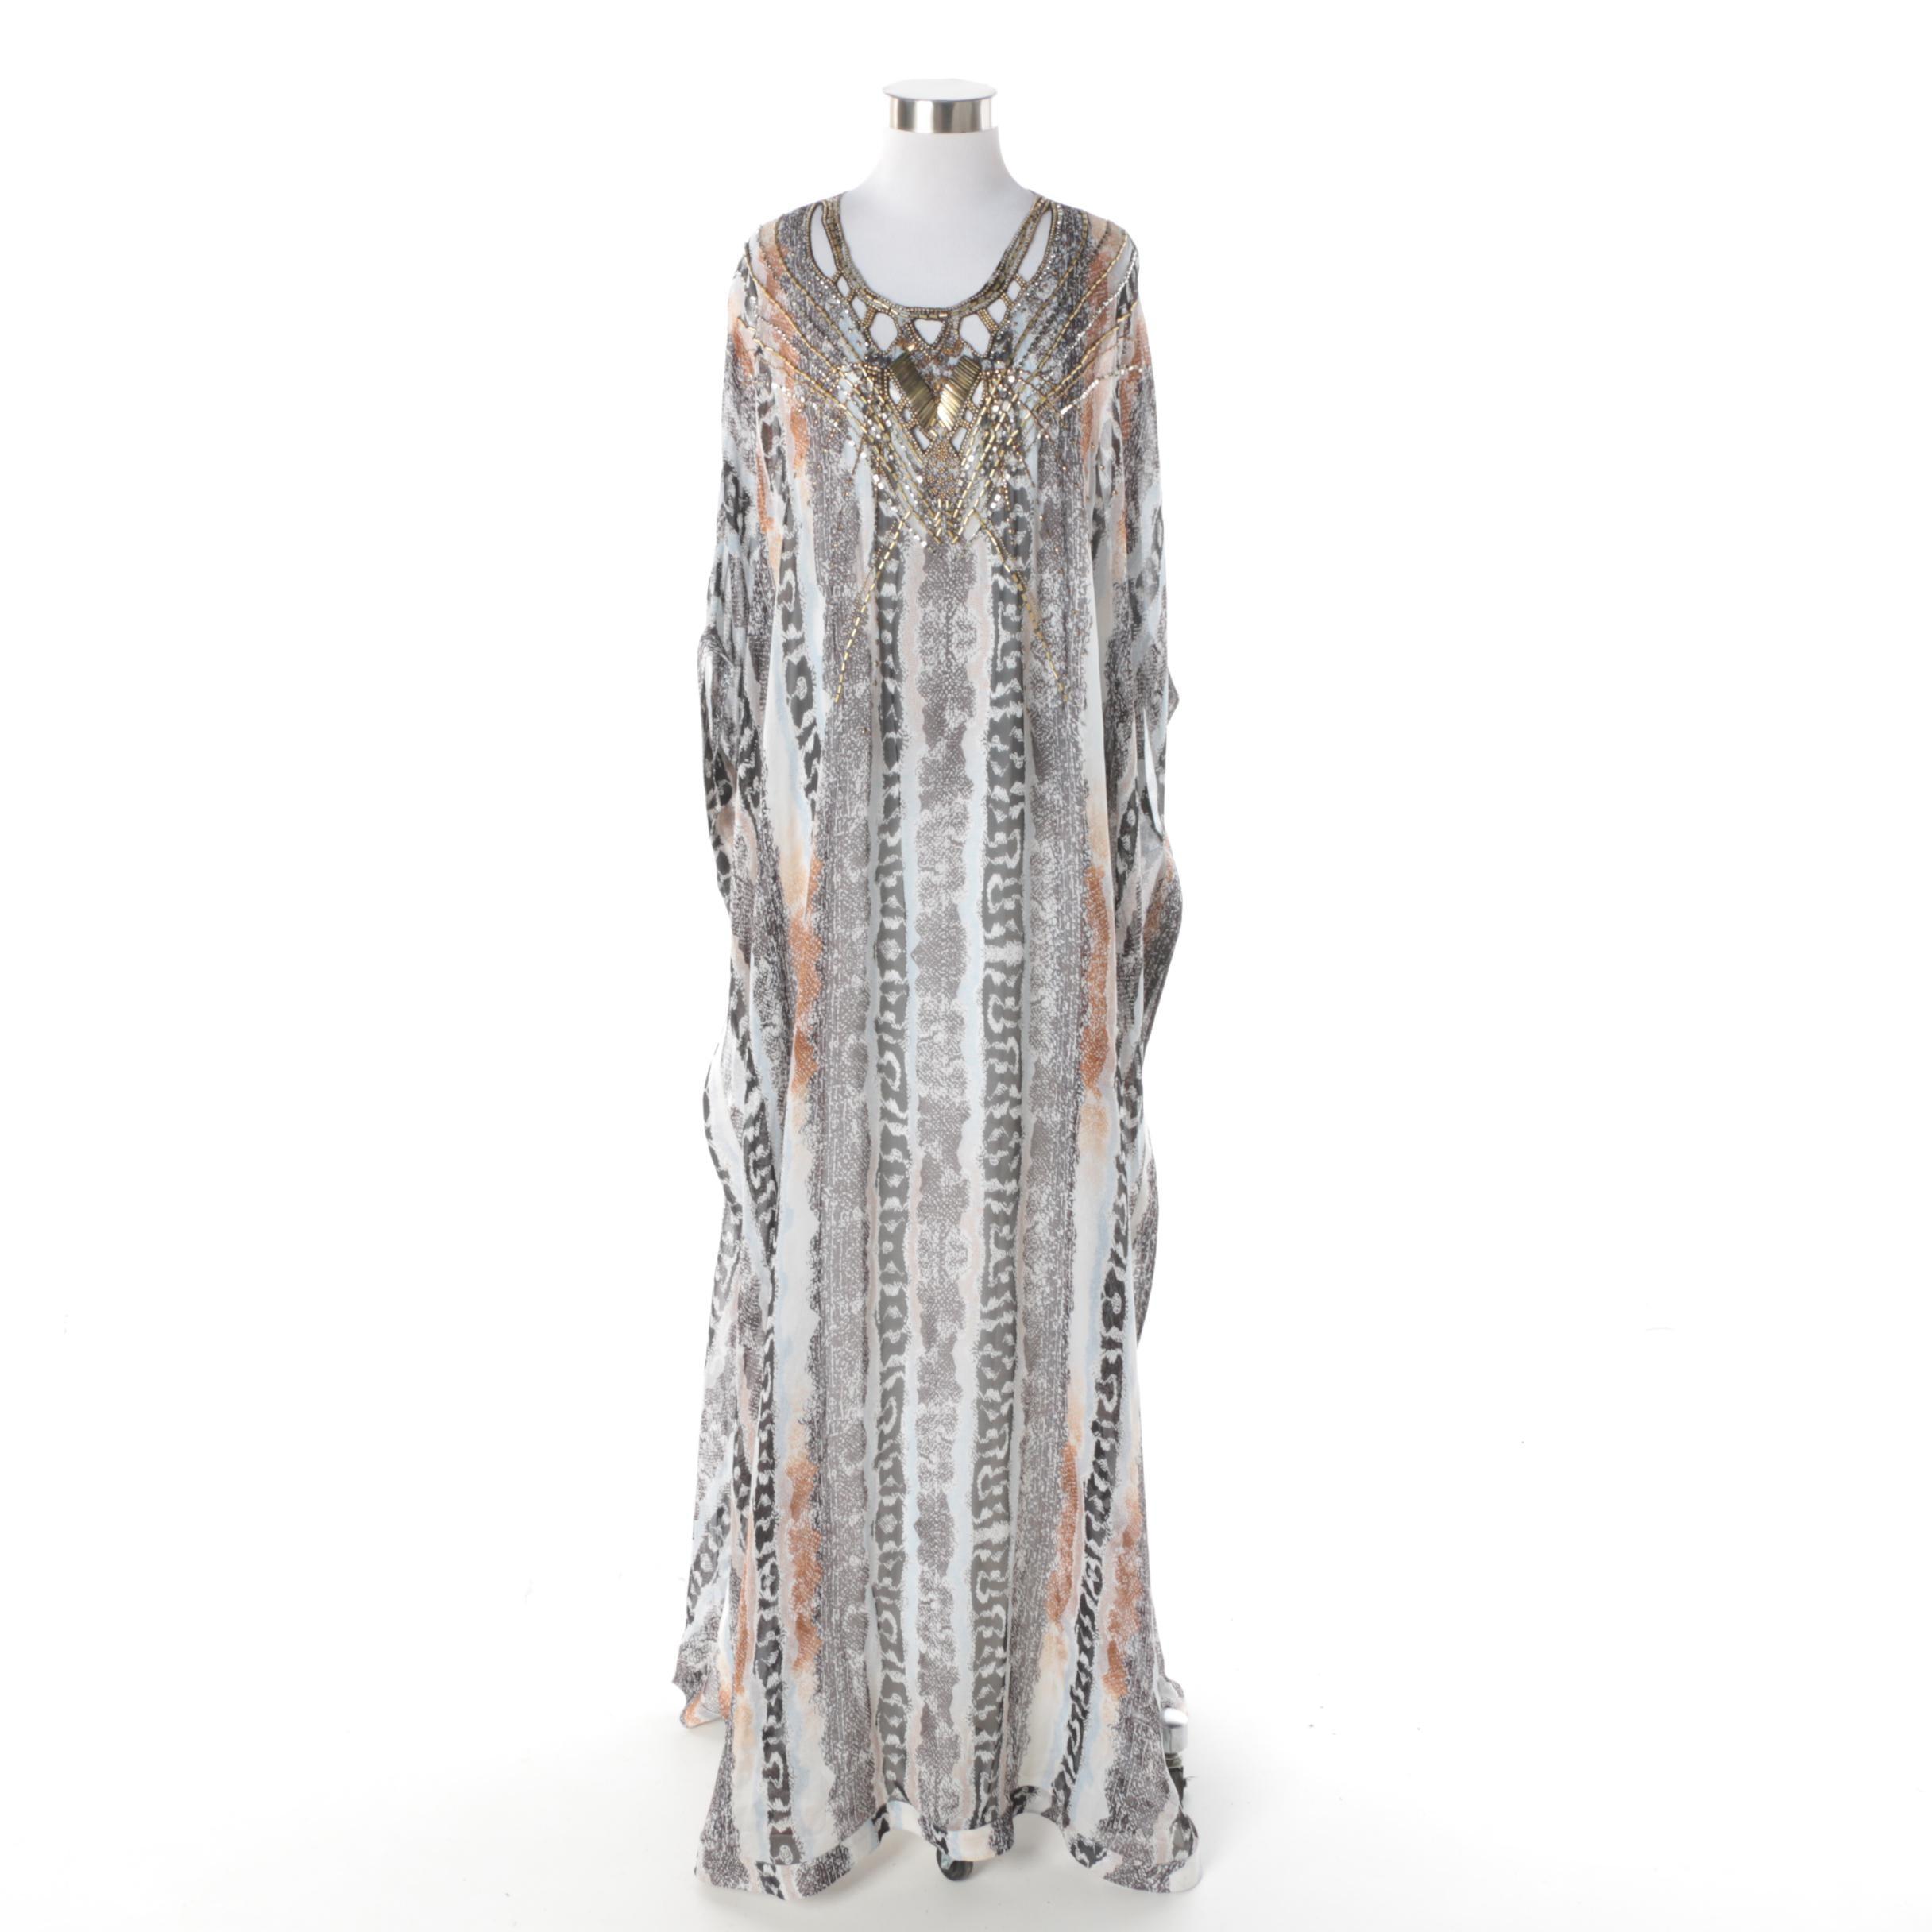 Diane von Furstenberg Silk Blend Caftan with Beaded Embellishments